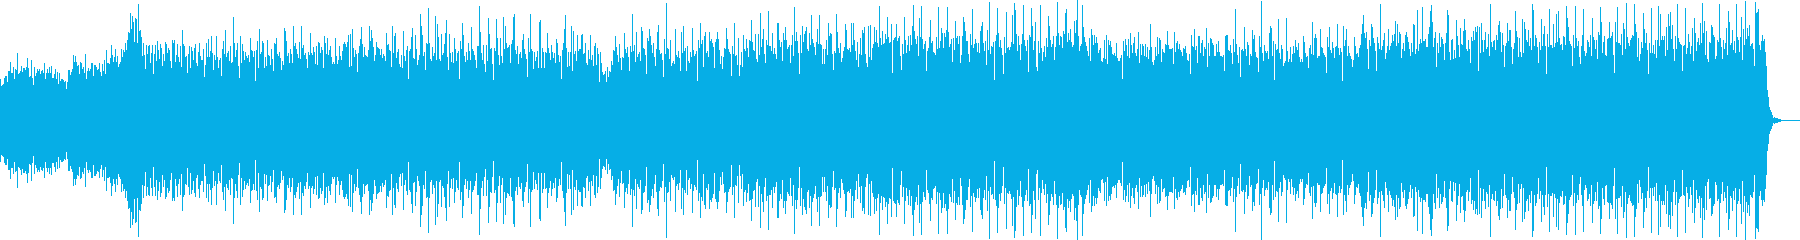 企業PV会社紹介 透明爽やかアコギA1の再生済みの波形